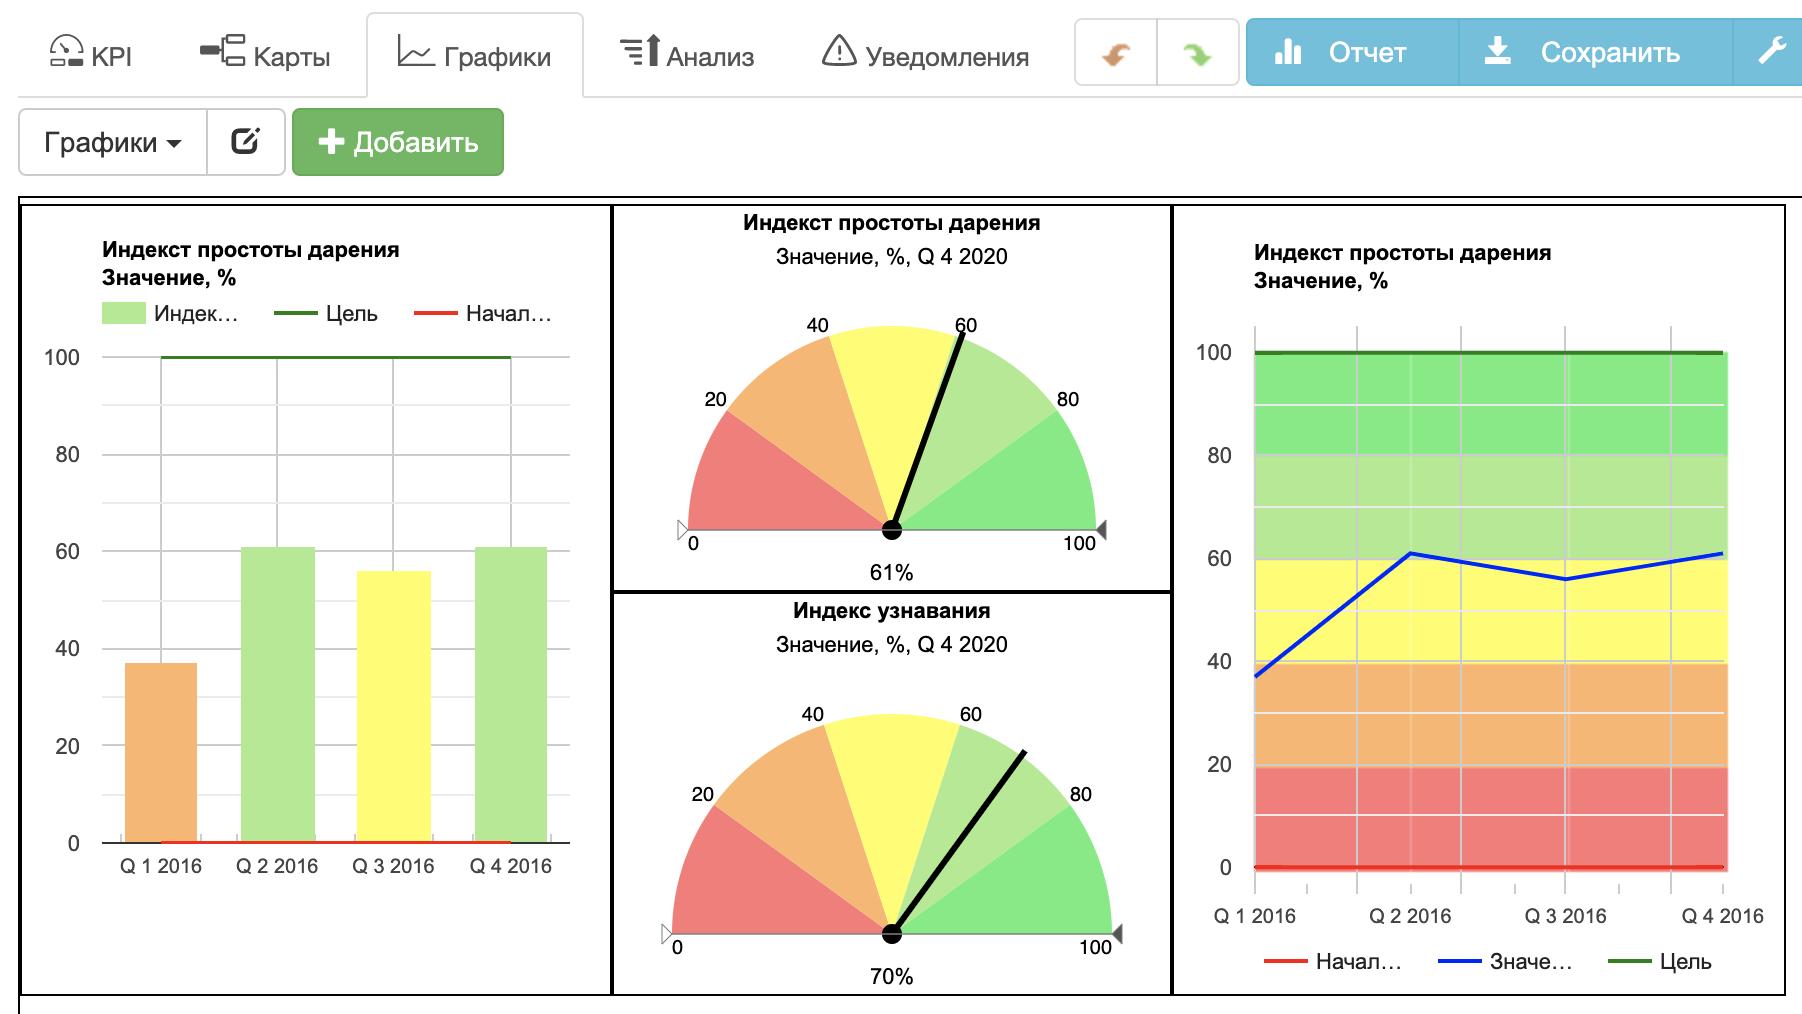 Панель бизнес-аналитически инструментов для НКО